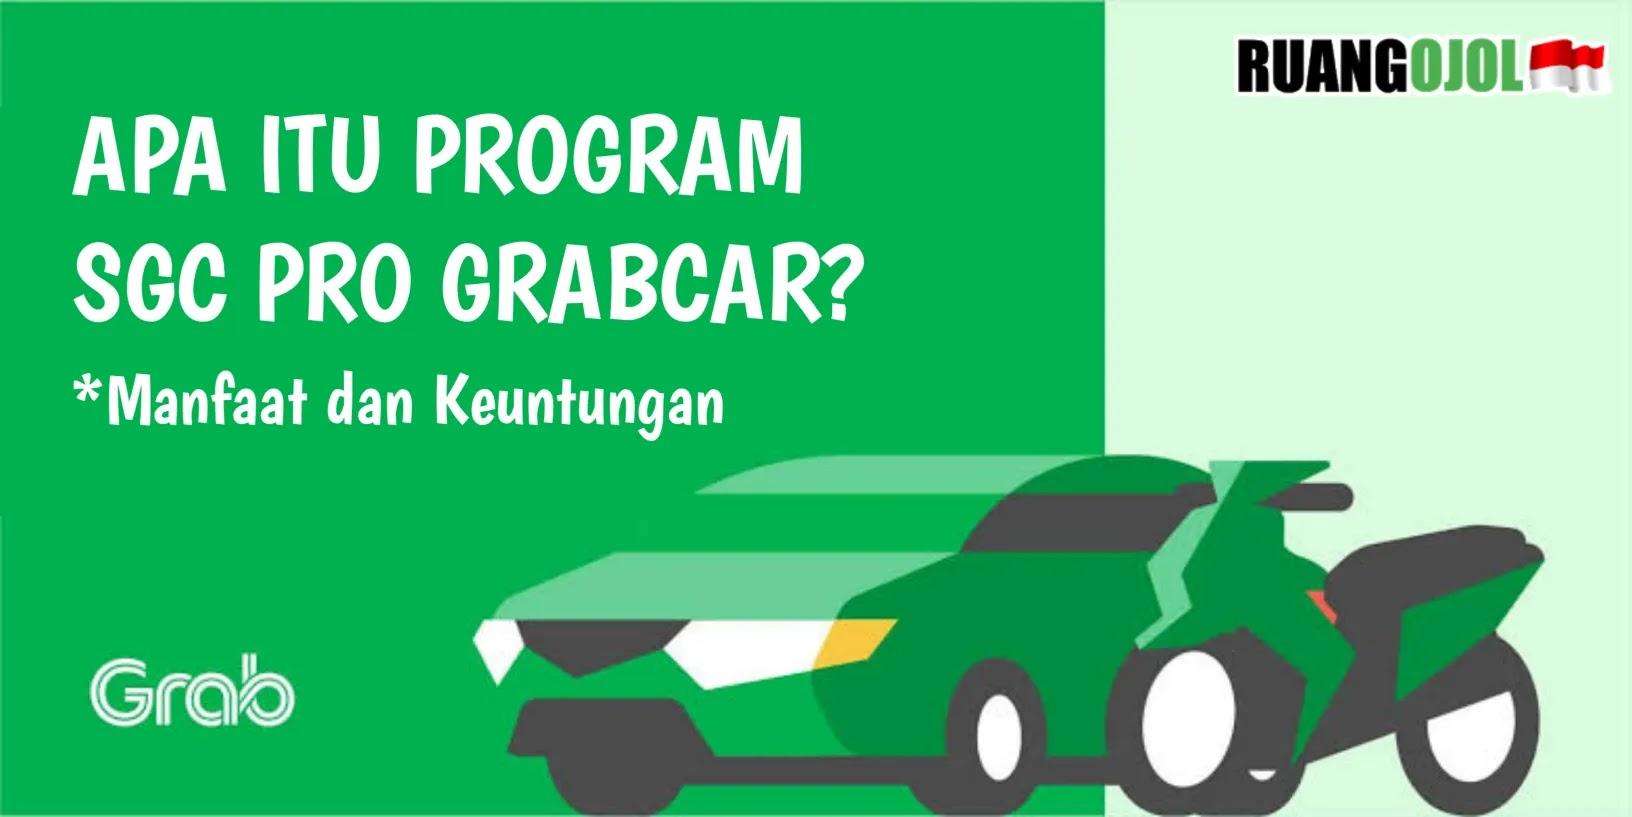 Apa itu Program SGC Pro GrabCar? Manfaat dan Keuntungannya!